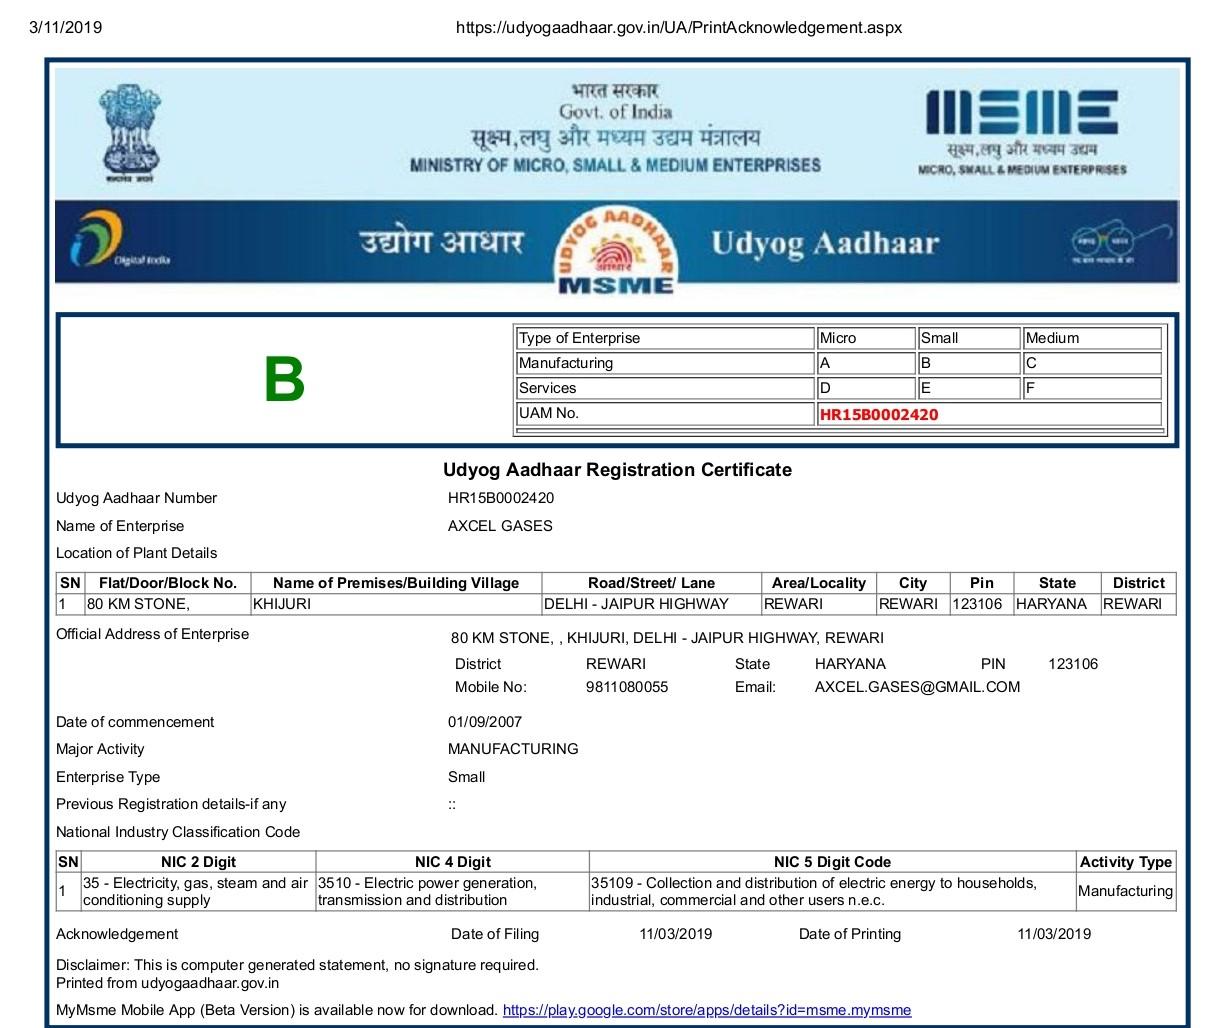 MSME - Adhaar Based 1